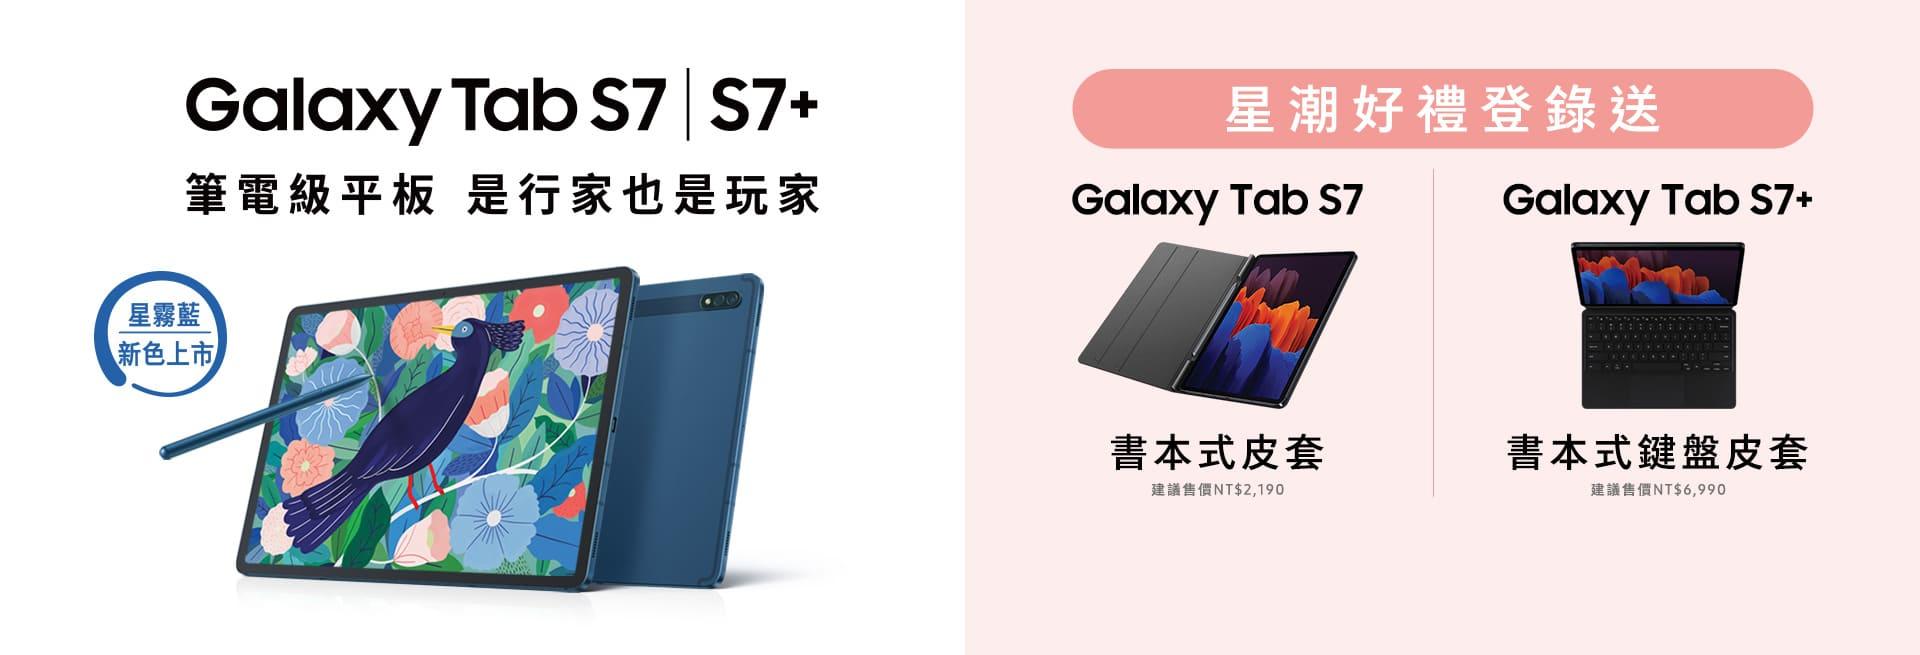 2021 Galaxy Note20系列 星潮好禮登錄送